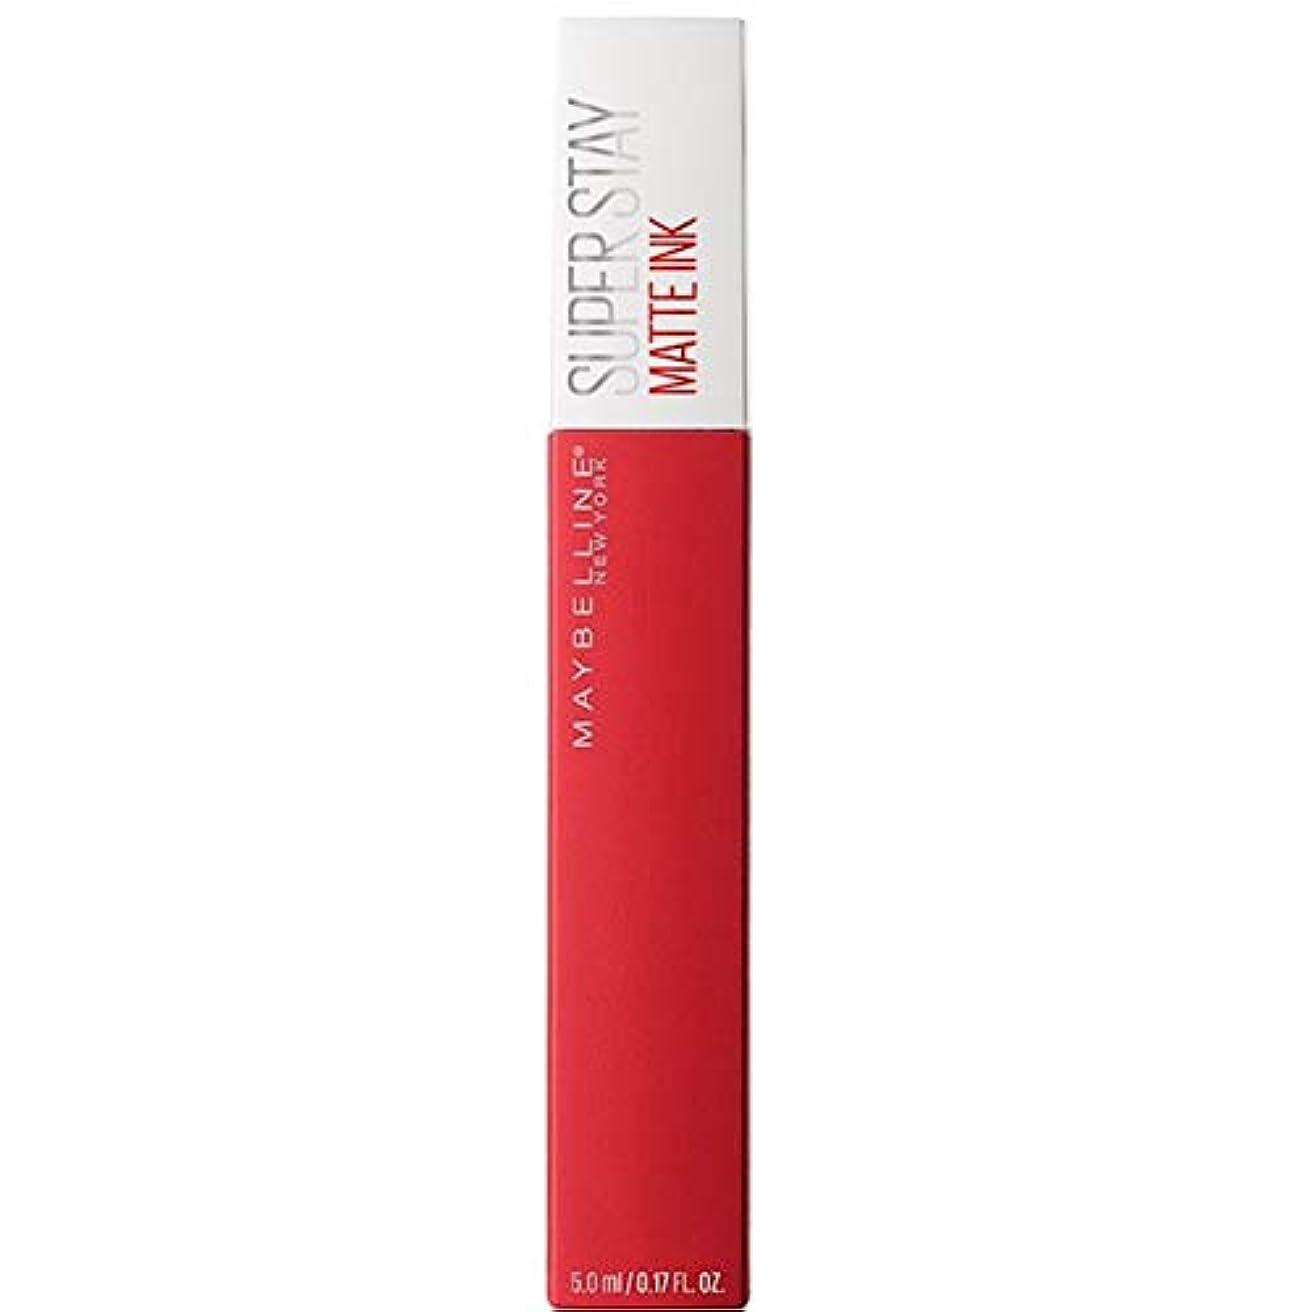 不調和カセット直面する[Maybelline ] メイベリンSuperstayマットインク液20パイオニア - Maybelline Superstay Matte Ink Liquid 20 Pioneer [並行輸入品]